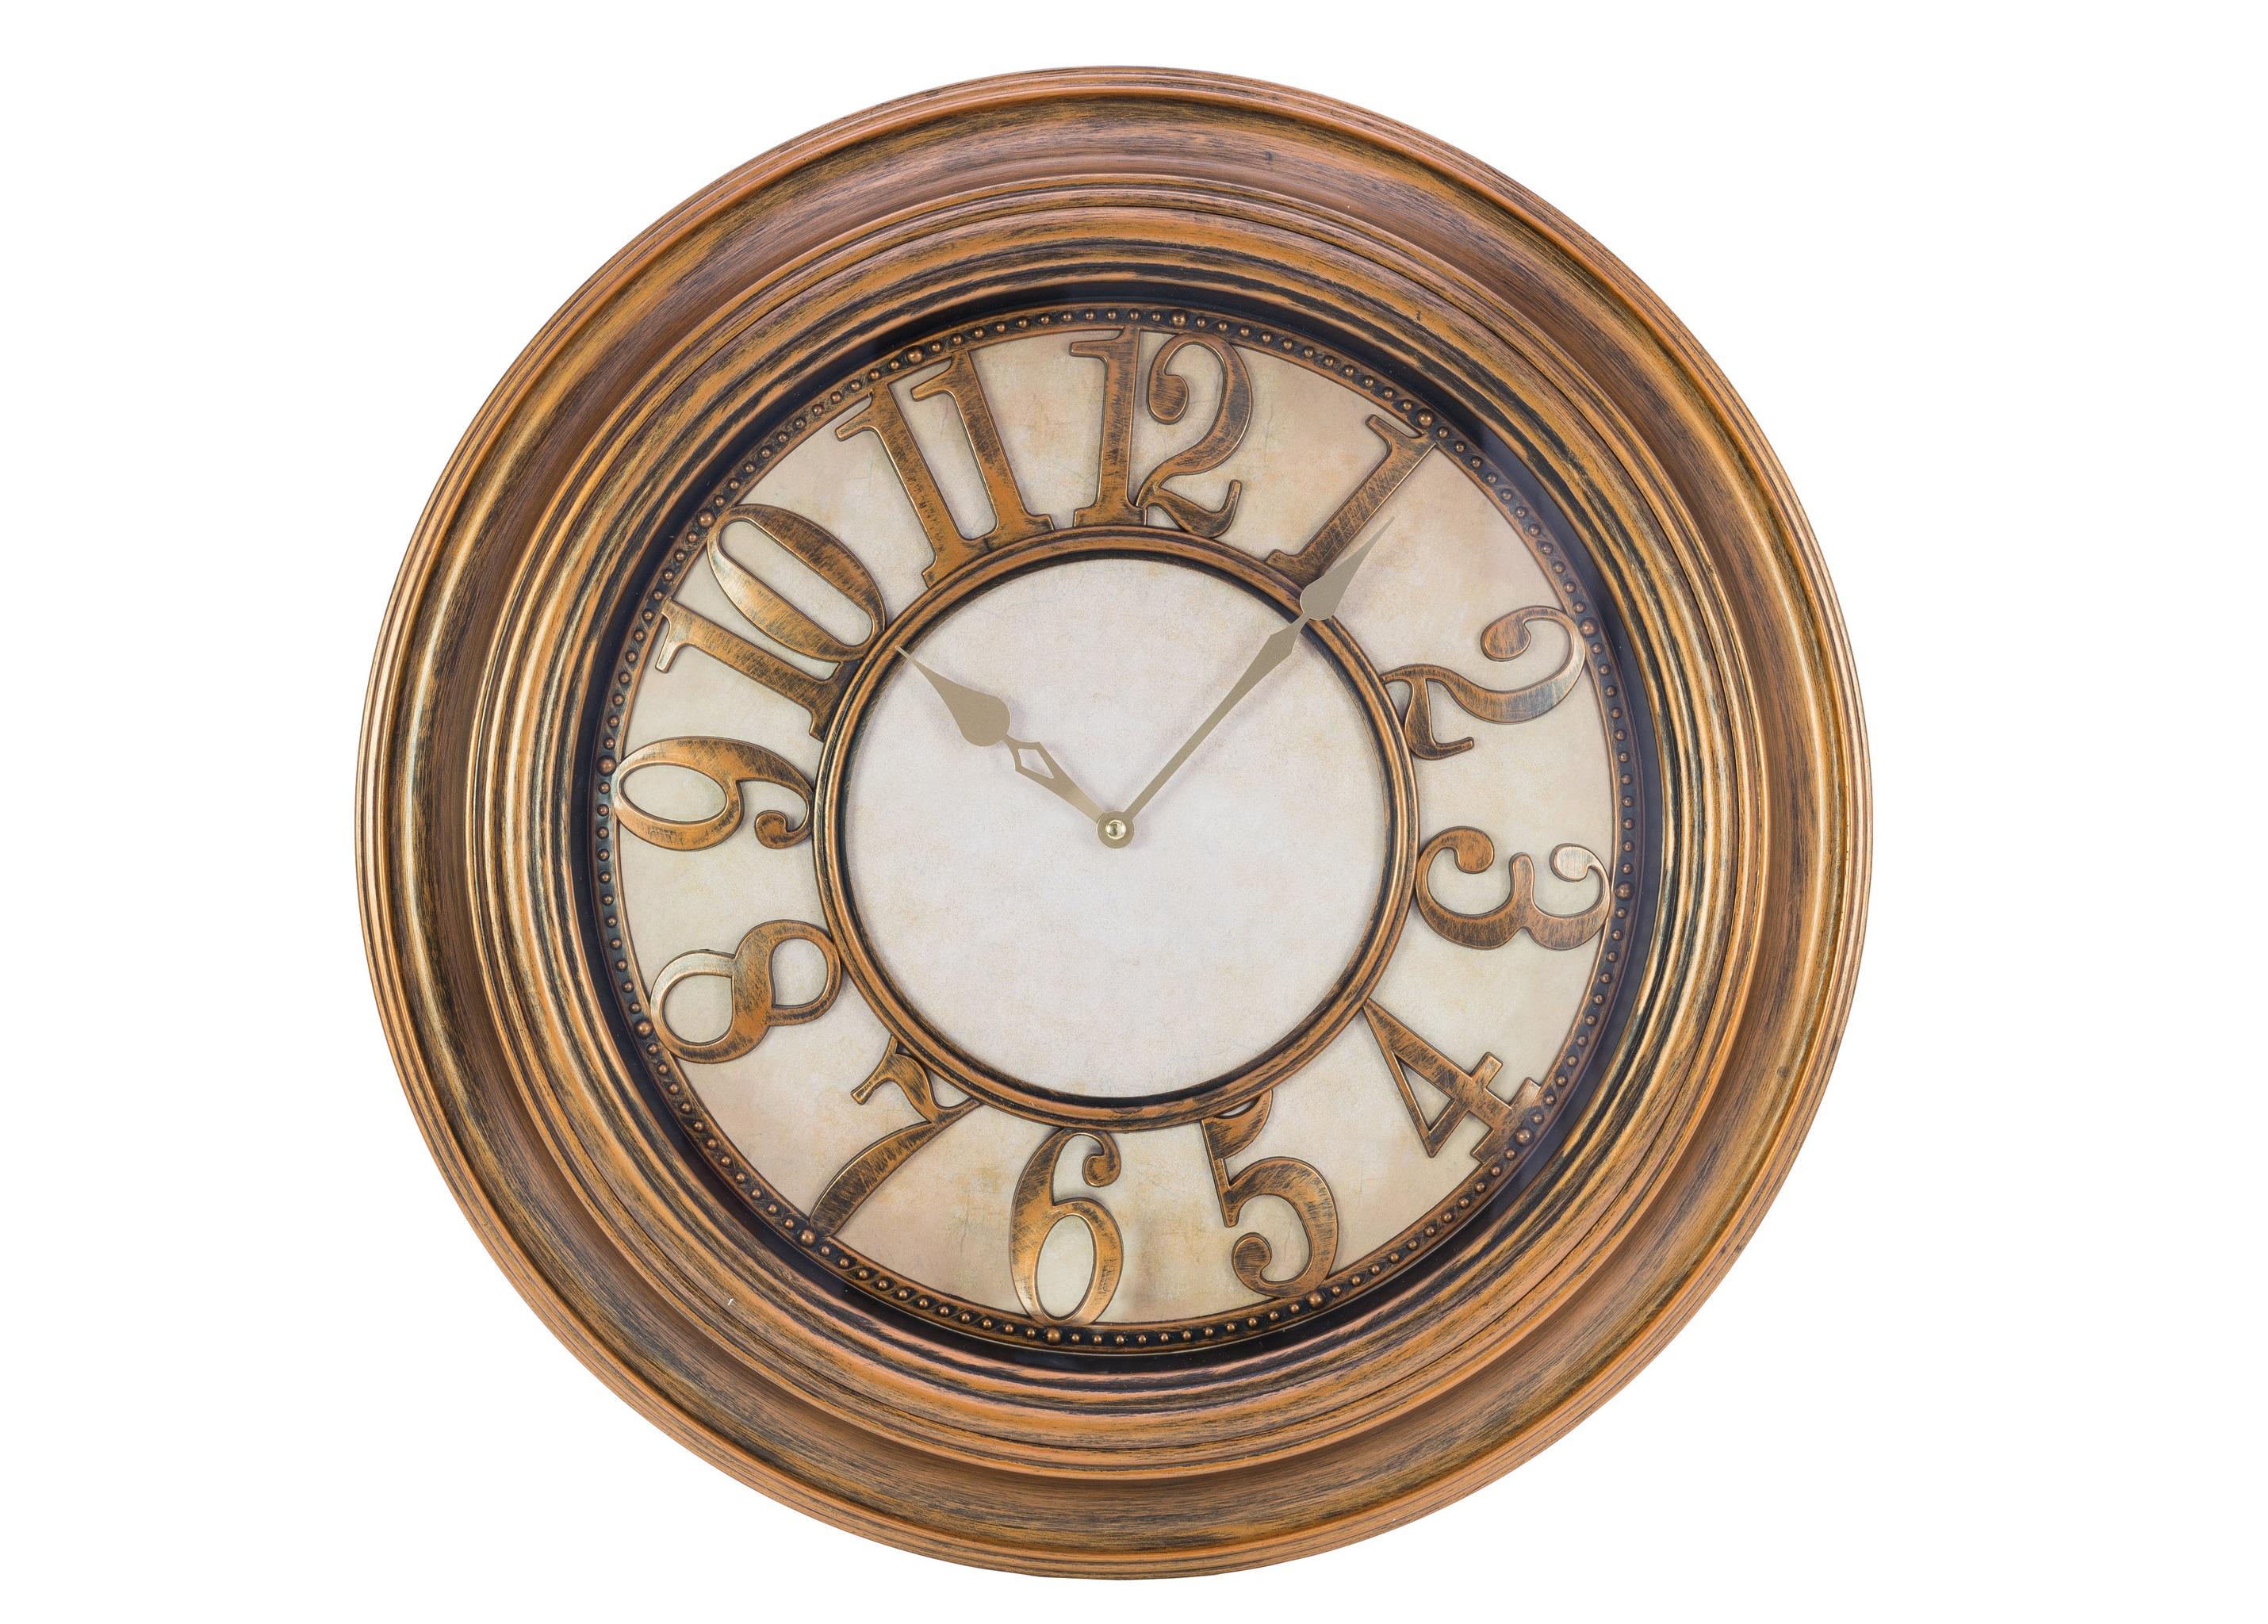 Часы настенные JustinНастенные часы<br>&amp;lt;div&amp;gt;Кварцевый механизм&amp;lt;/div&amp;gt;&amp;lt;div&amp;gt;Материал: стекло, пластик&amp;lt;/div&amp;gt;<br><br>Material: Пластик<br>Глубина см: 6